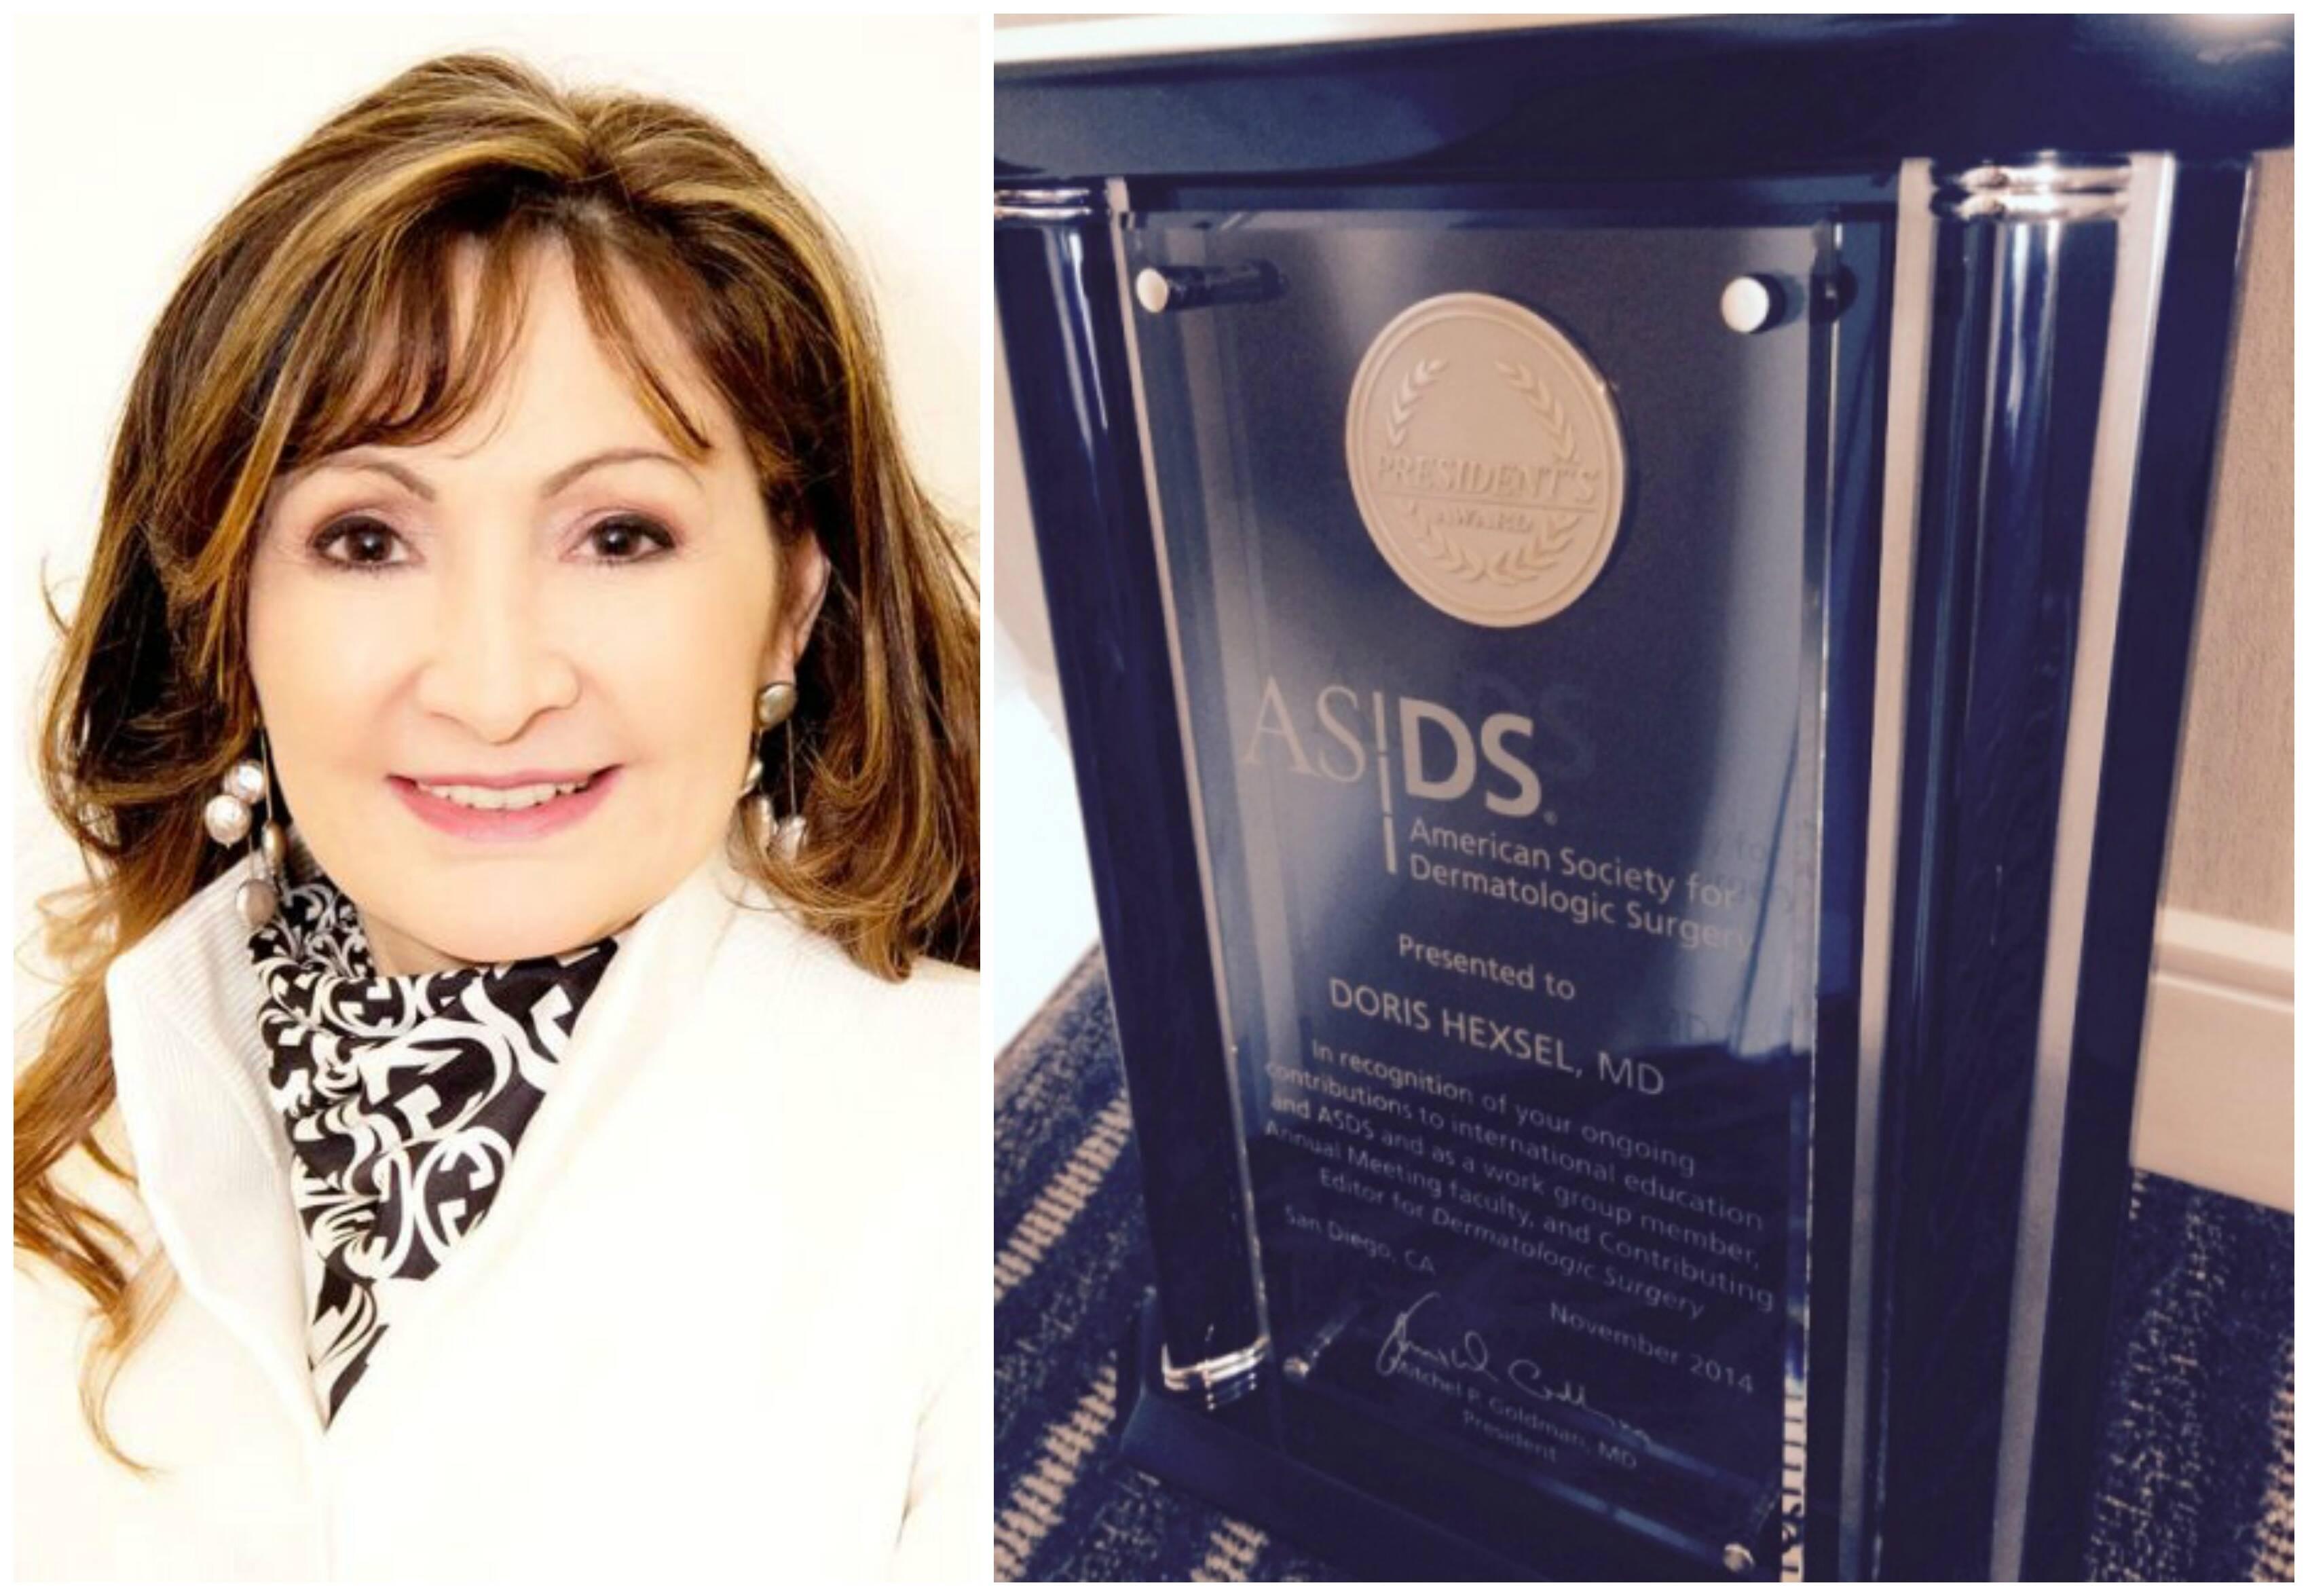 A dermatologista Dóris Hexsel e o prêmio, com seu nome gravado, concedido pela Sociedade Americana de Cirurgia Dermatológica / Fotos: divulgação